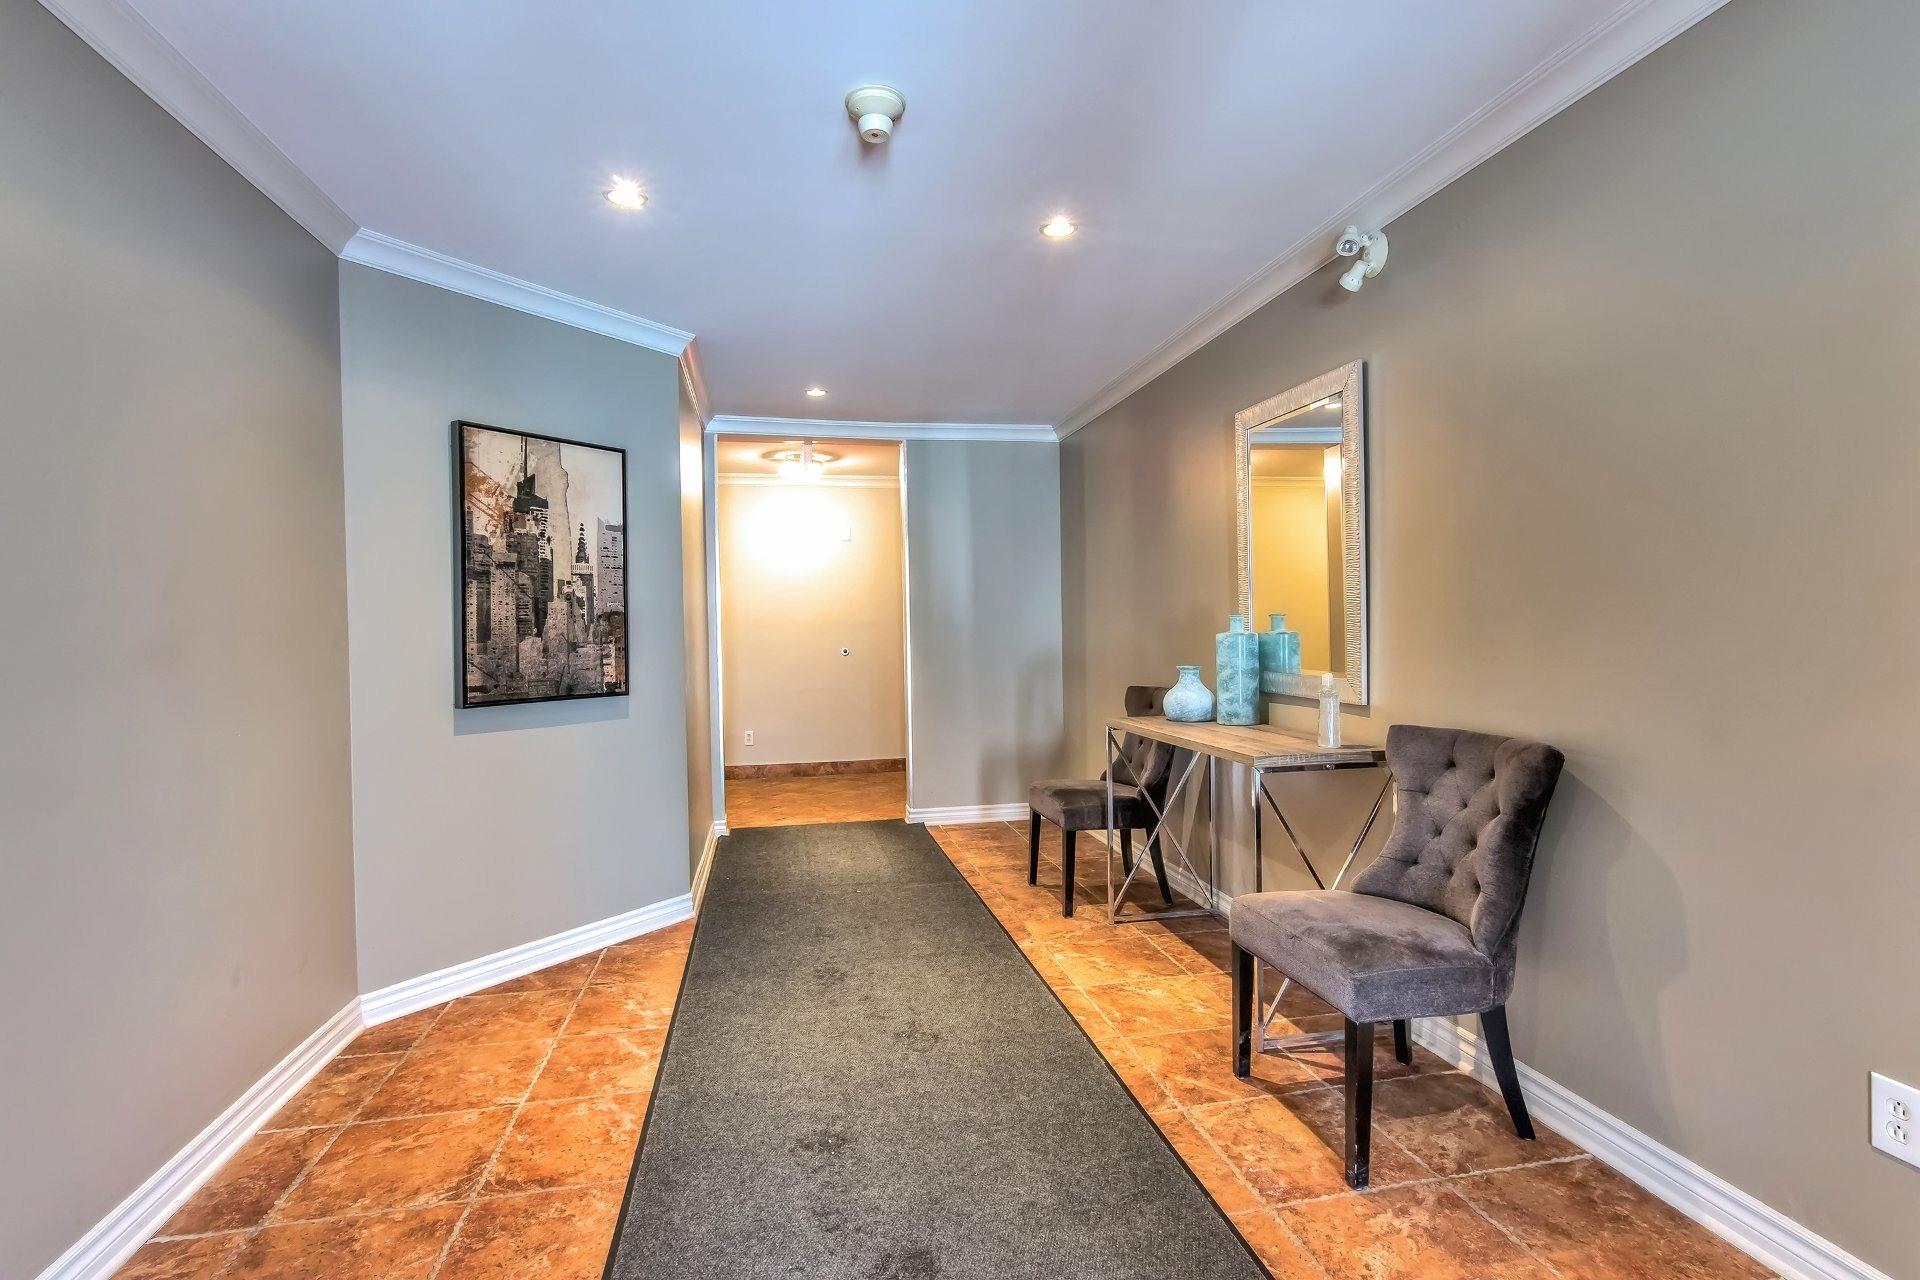 image 26 - Departamento En venta Côte-des-Neiges/Notre-Dame-de-Grâce Montréal  - 6 habitaciones